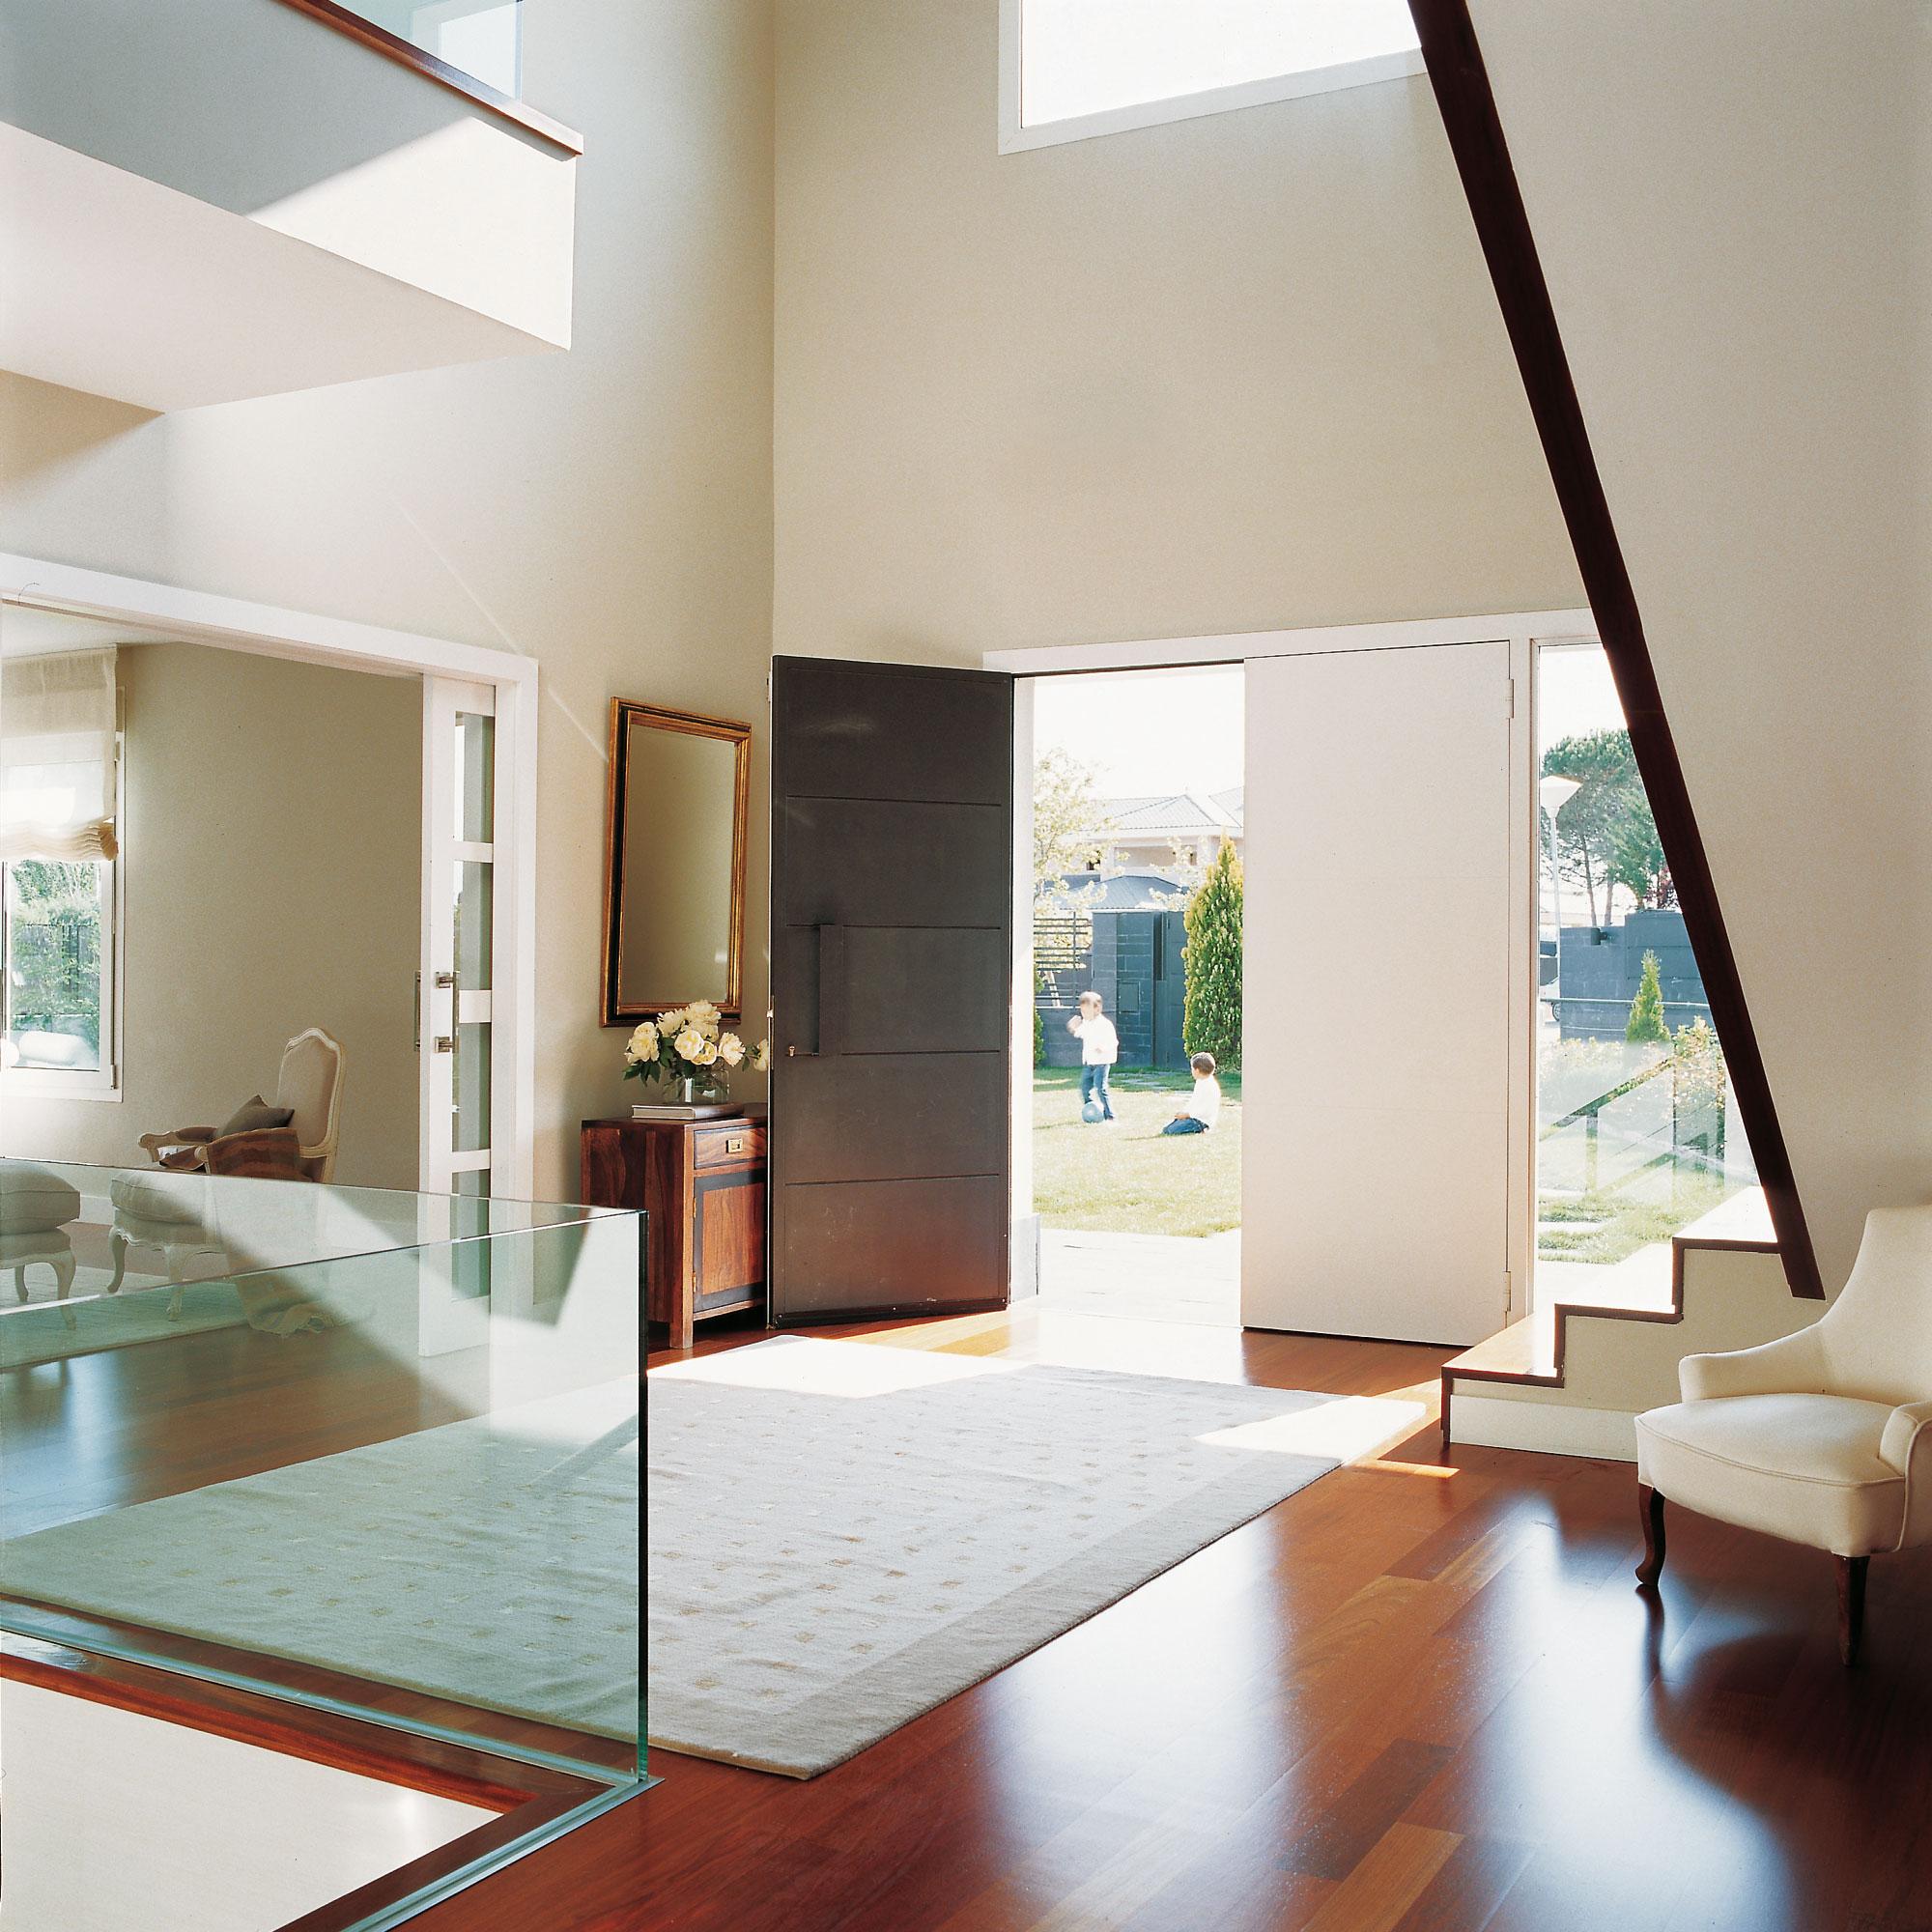 Consejos para una casa segura y protegida frente a robos e intrusiones - Entrada de casas modernas ...